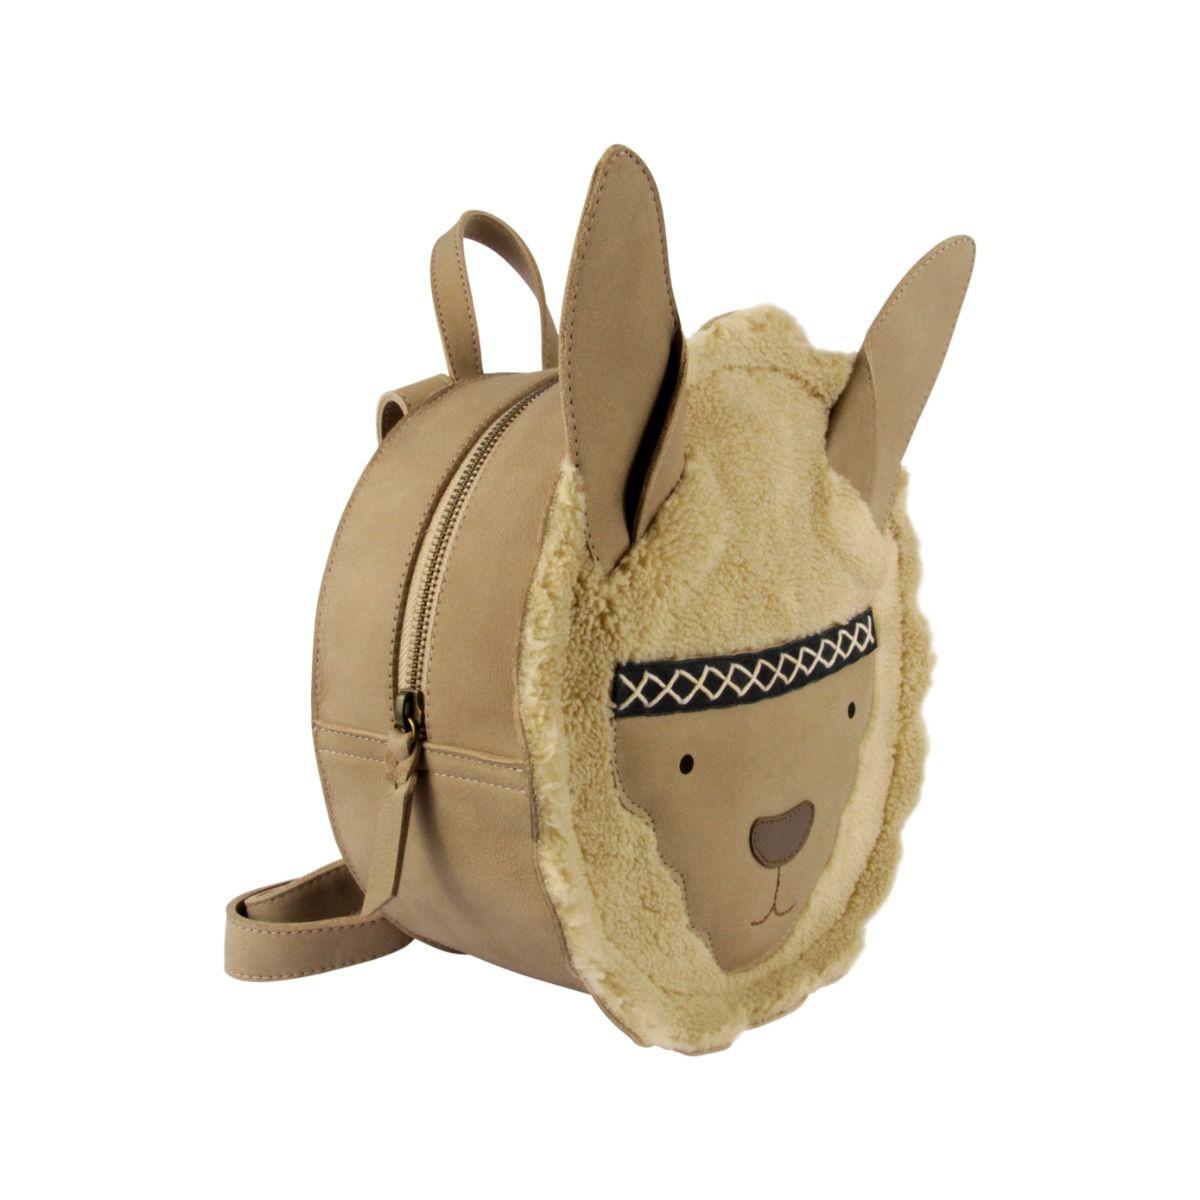 Umi Schoolbag | Alpaca